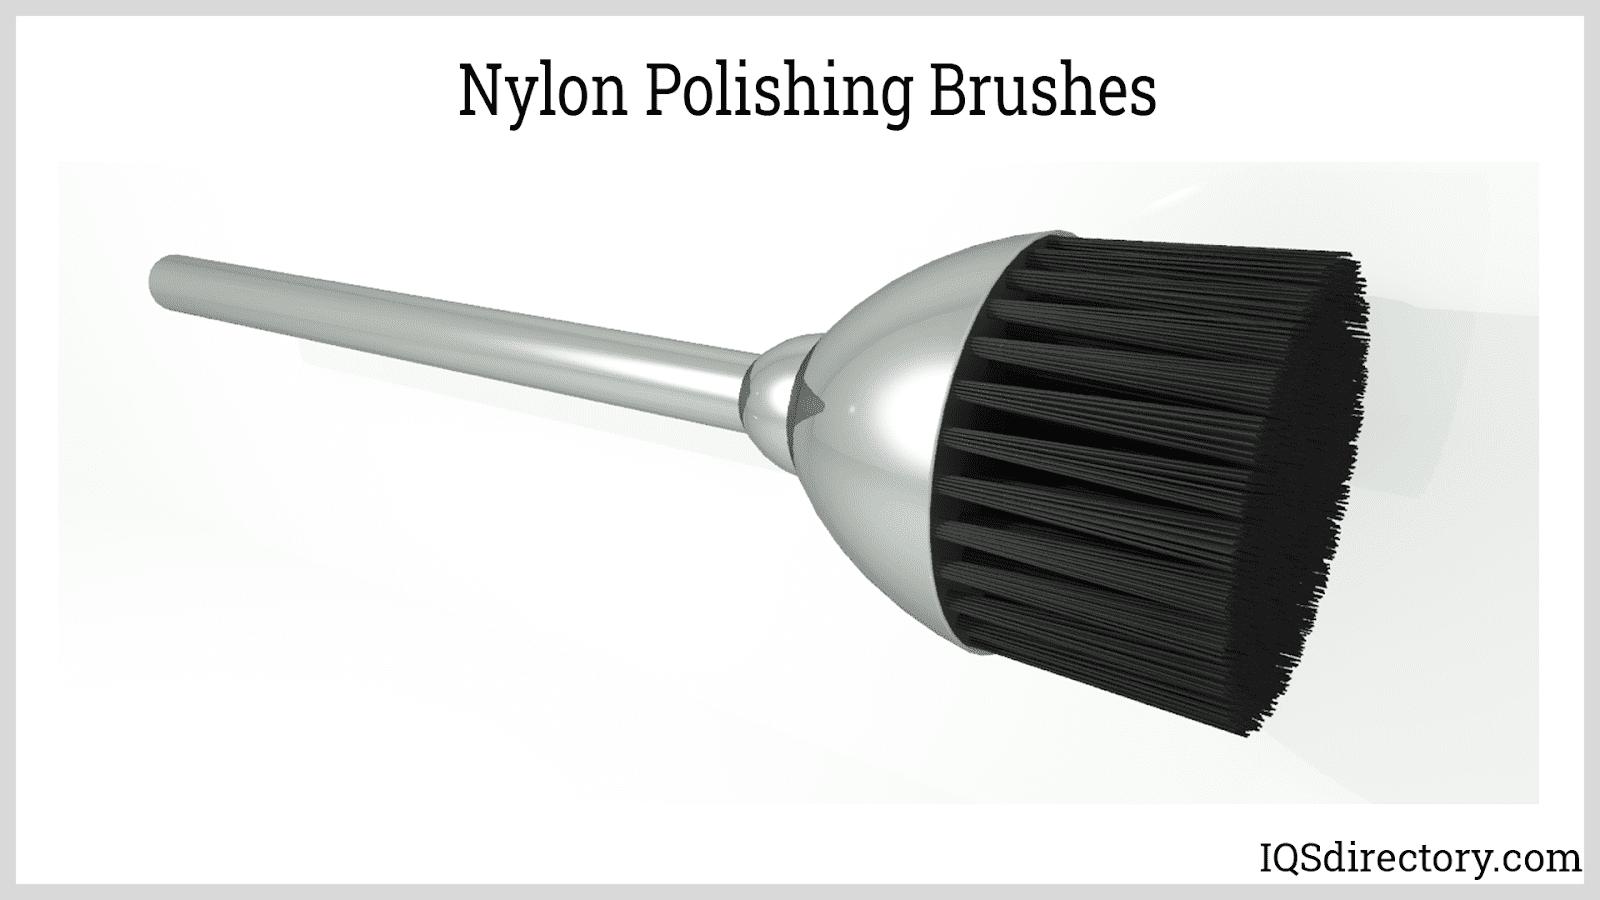 Nylon Polishing Brushes